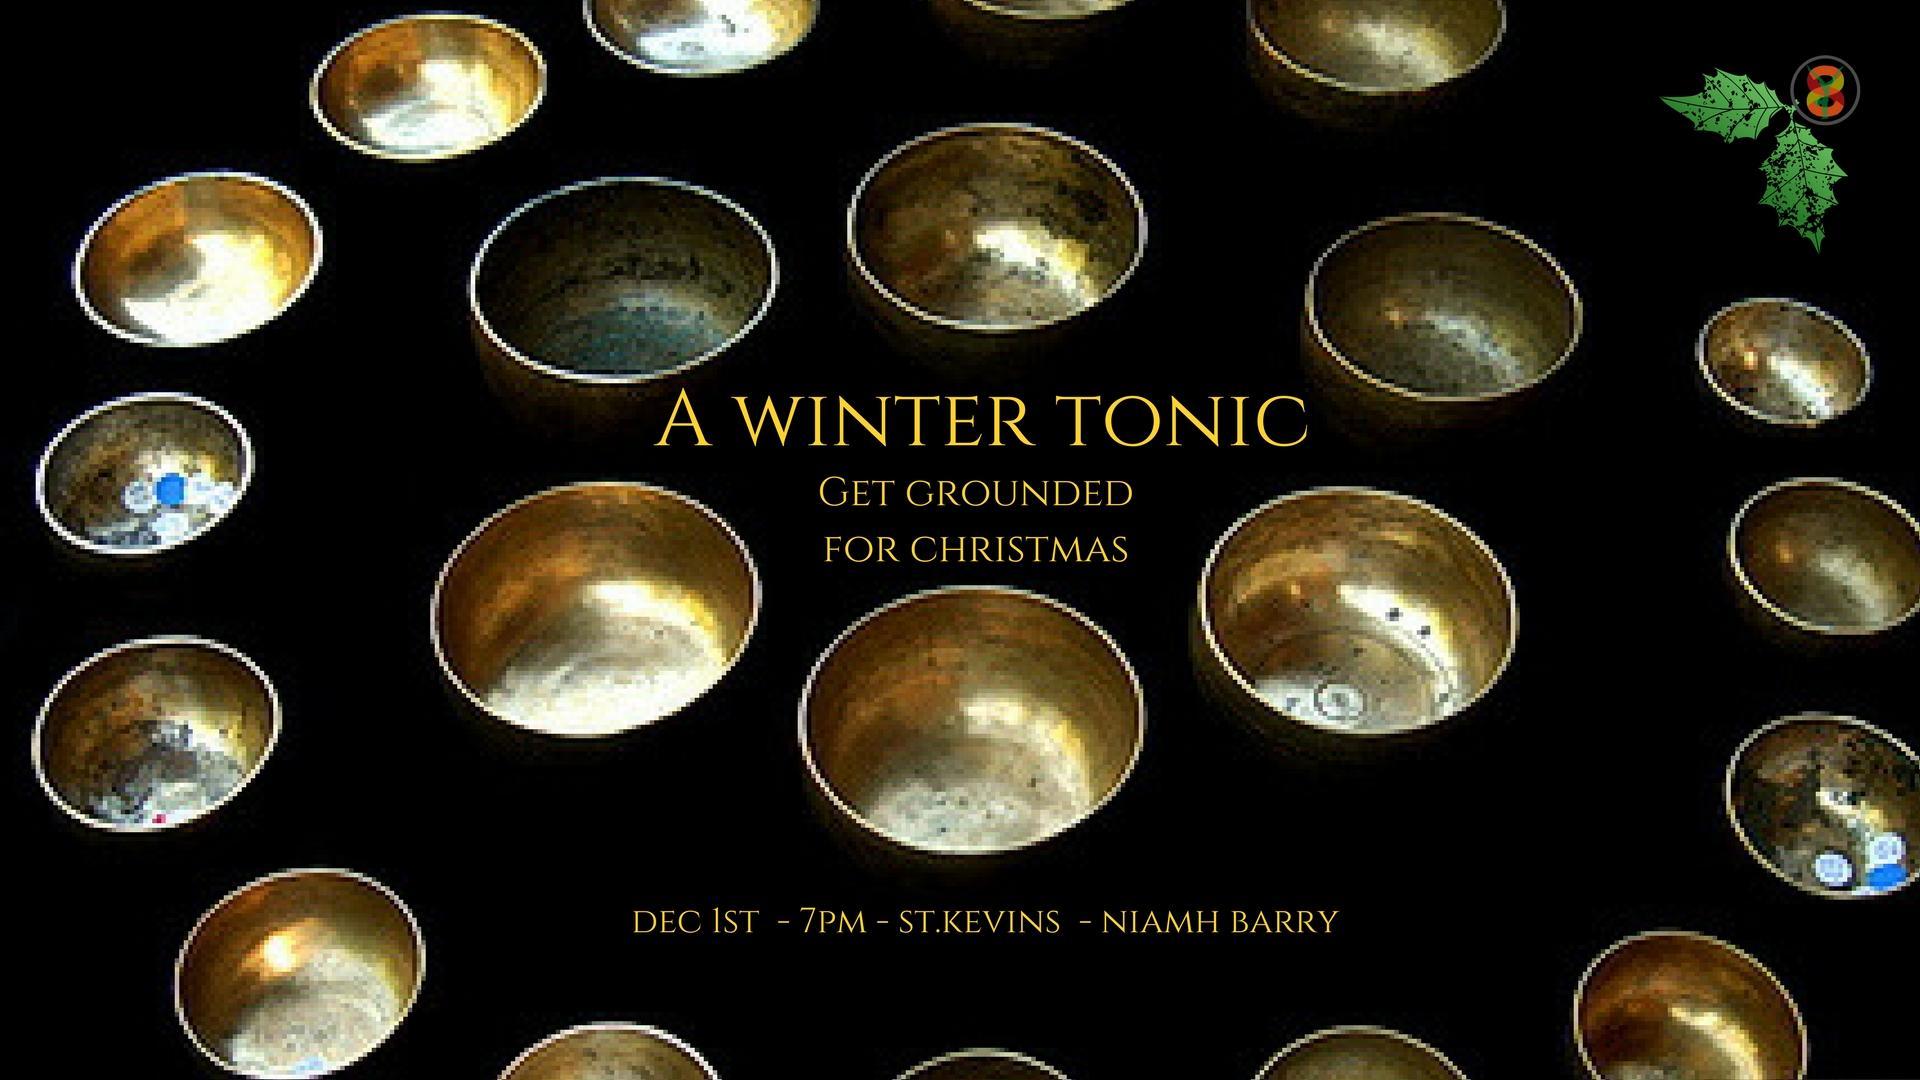 A Winter Tonic